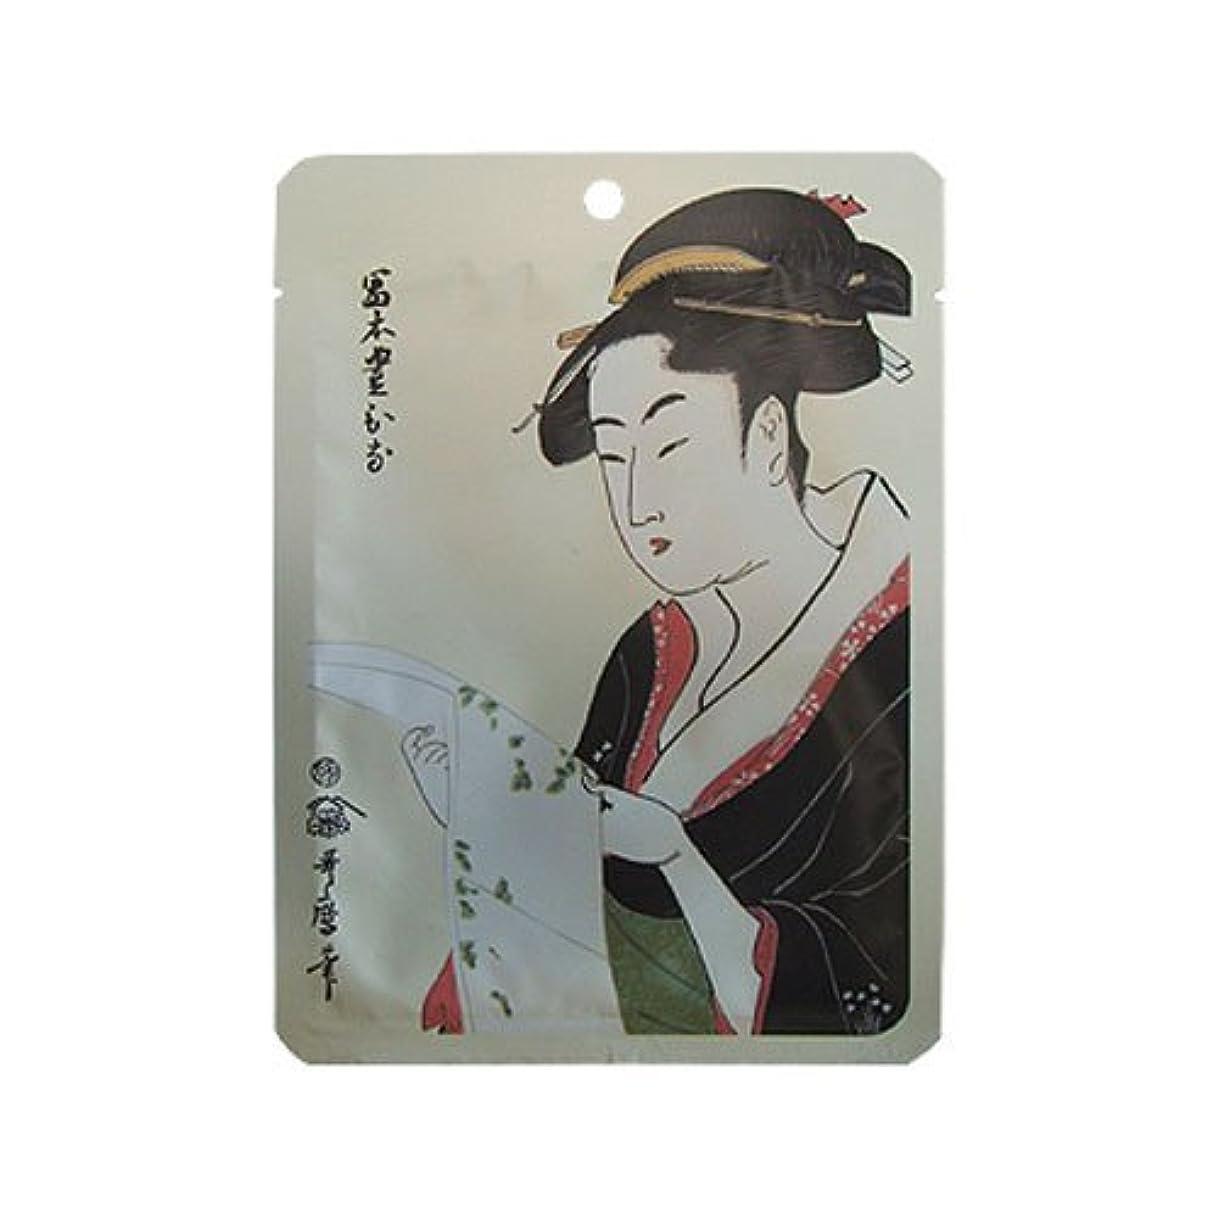 入口運命的な王位美友 エッセンスマスク 真珠+桜 1枚入 4582419531048